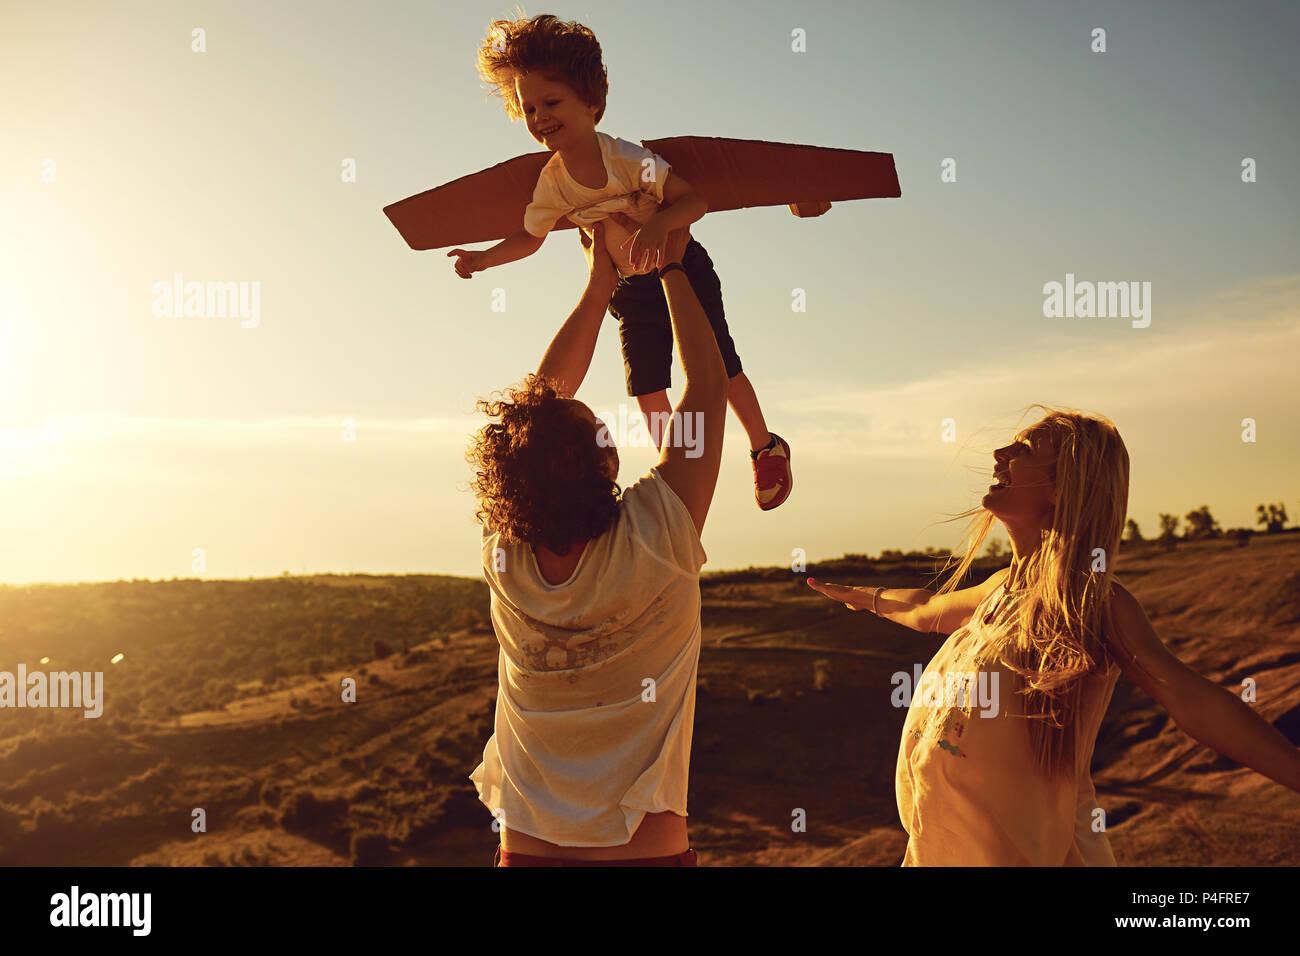 Famiglia giocando in natura al tramonto Immagini Stock